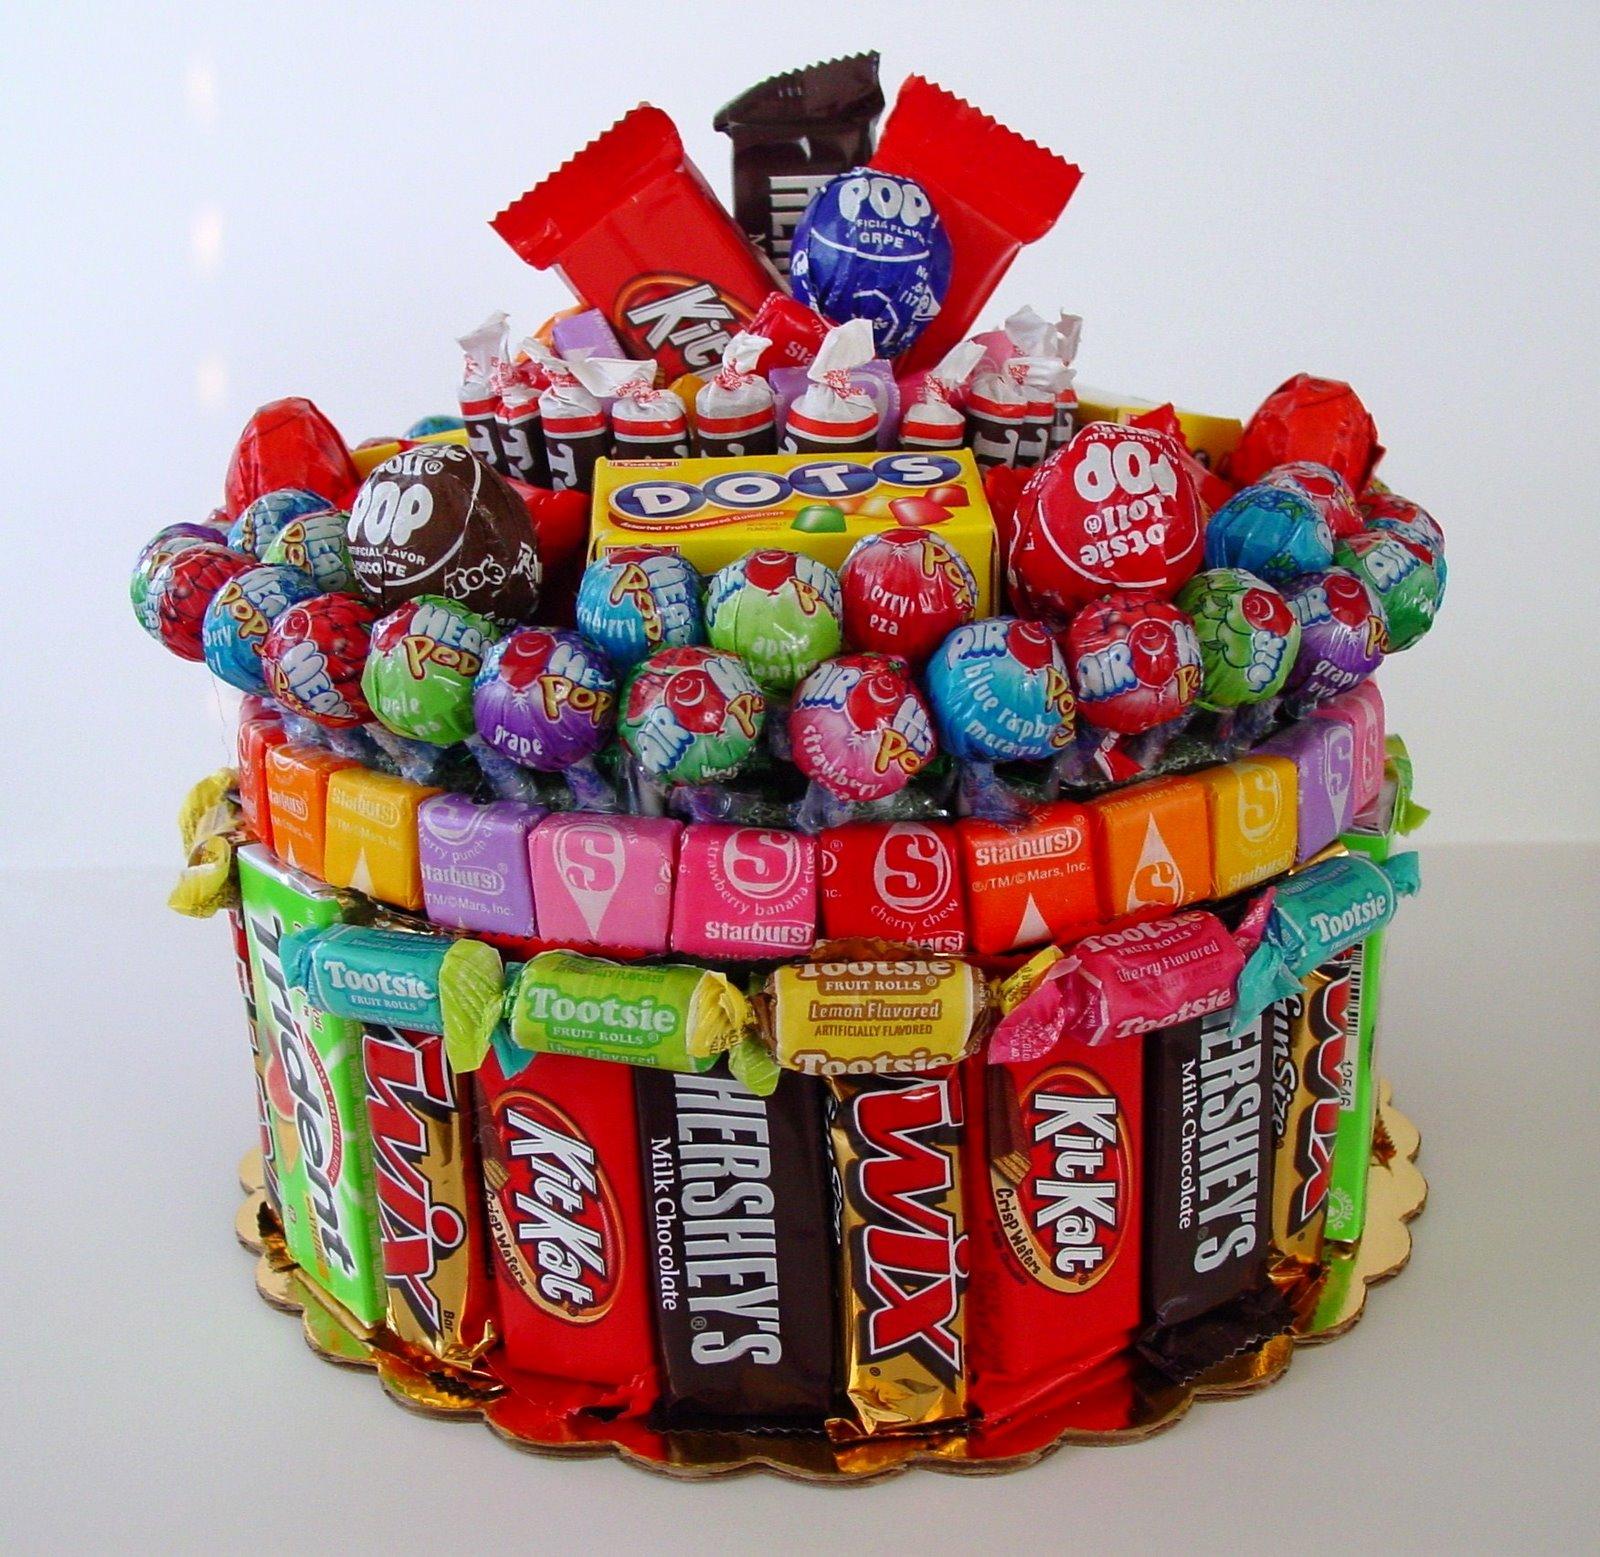 Ben noto Idee regalo Natale - Cesti Natalizi - Confezioni regalo di Natale. AY19